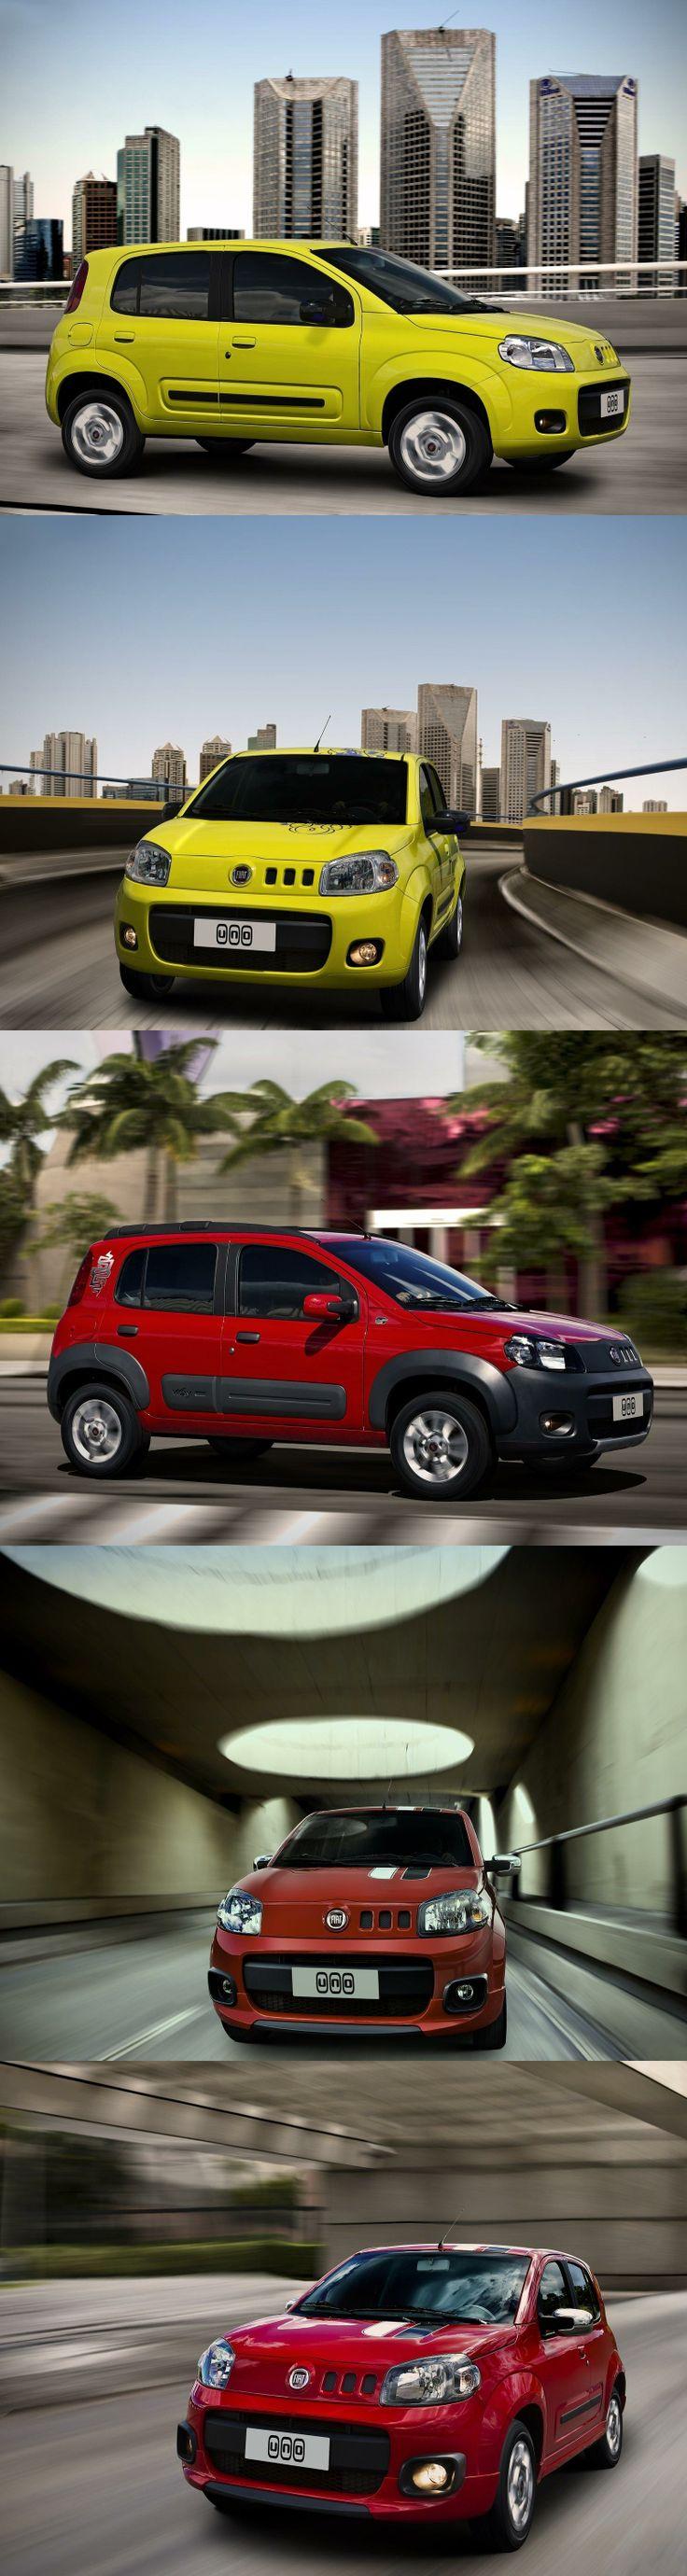 New Fiat Uno (2011)